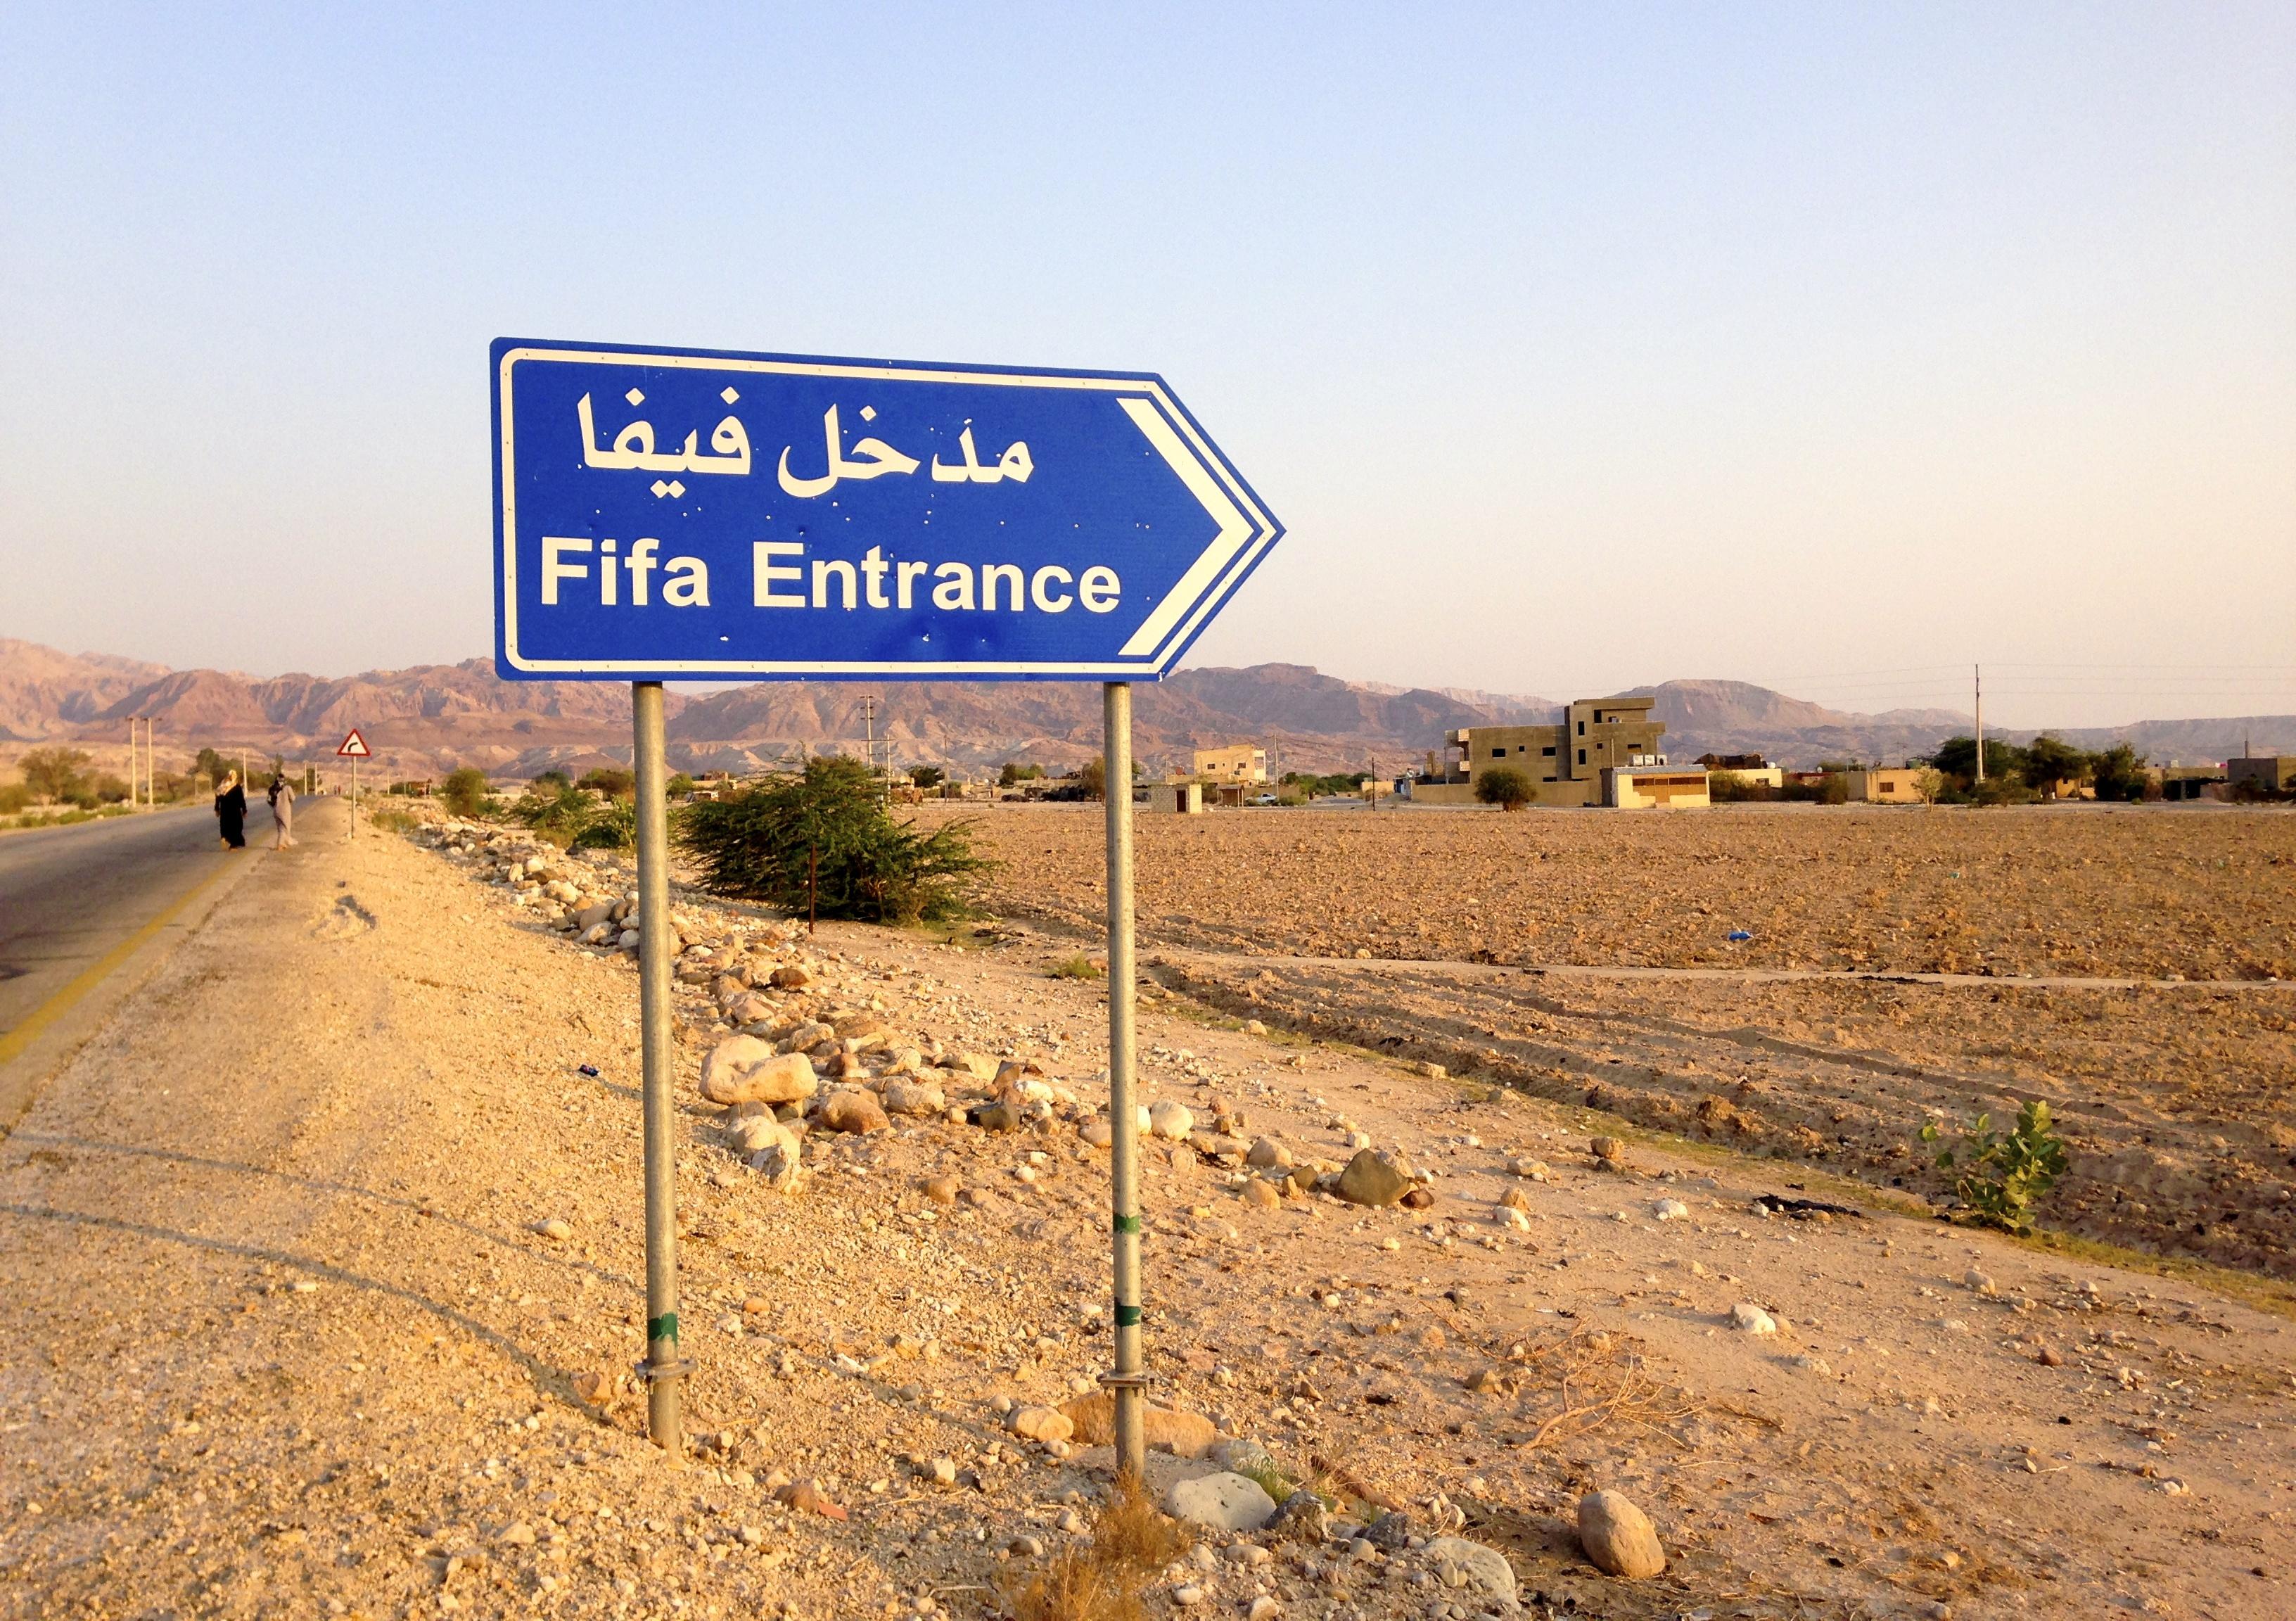 On nous aurait menti ? La Fifa est en Jordanie ?